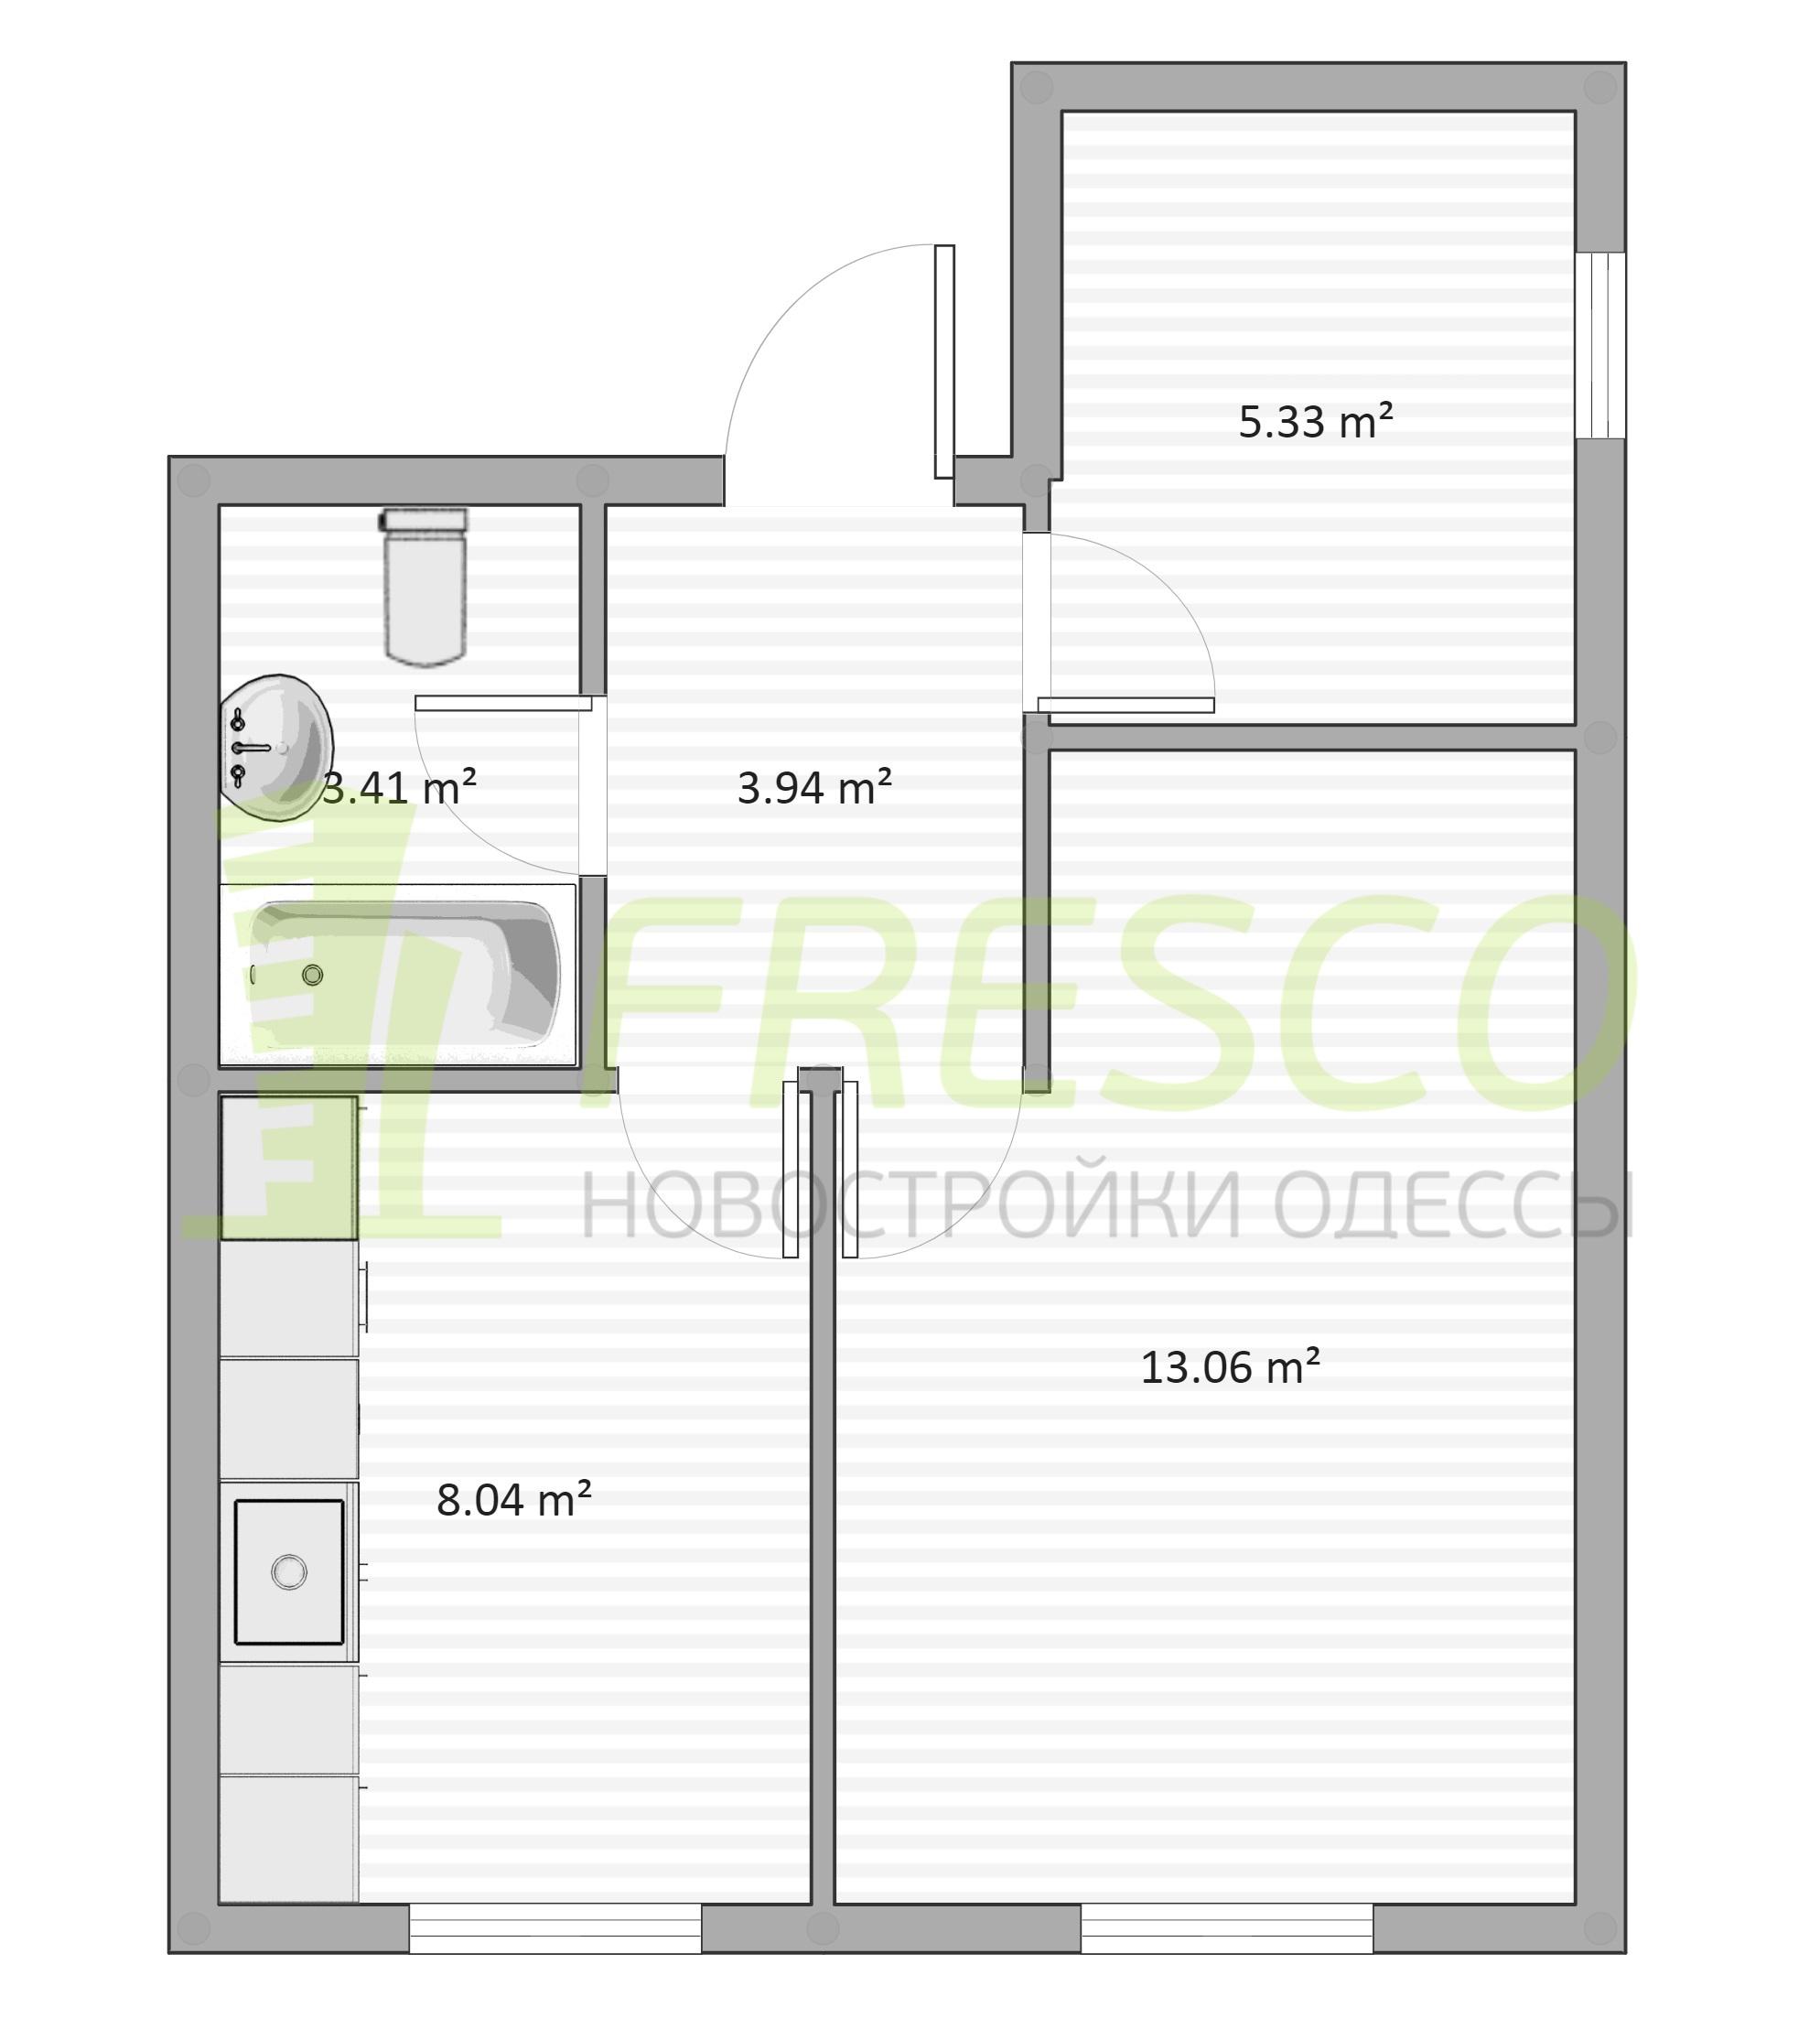 Однокомнатная - ЖК Дом на Ризовской$24000Площадь:32m²